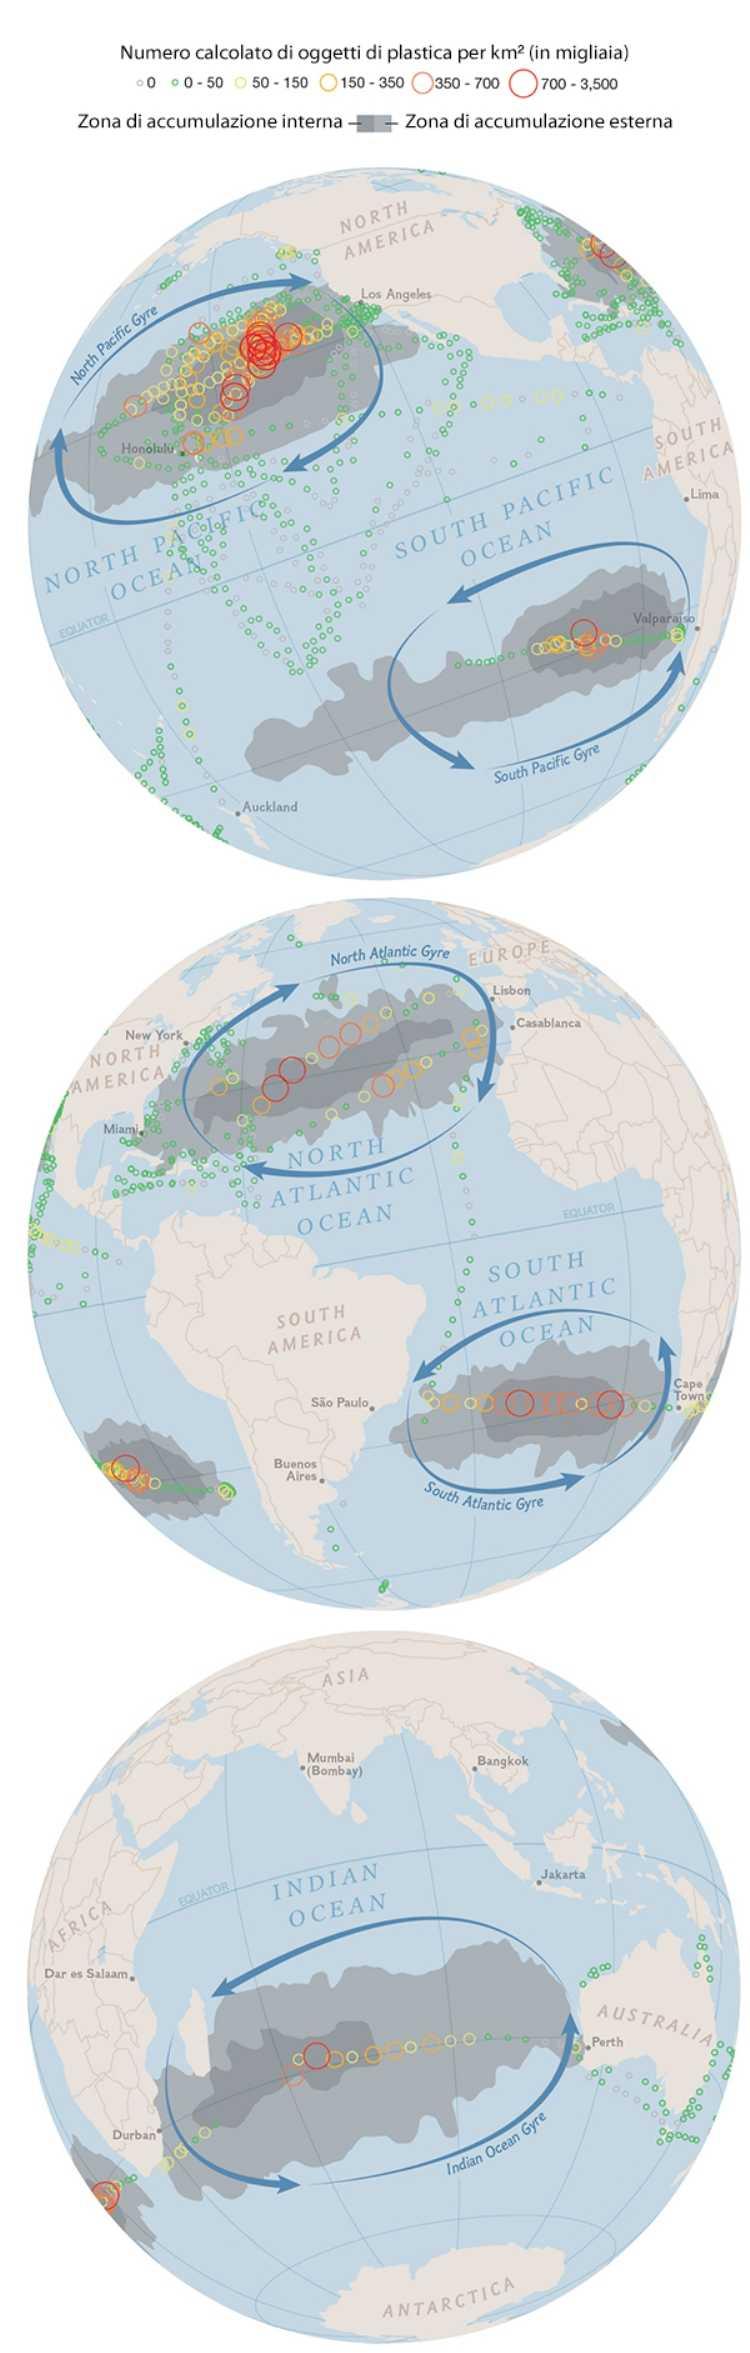 mappa inquinamento plastica oceani